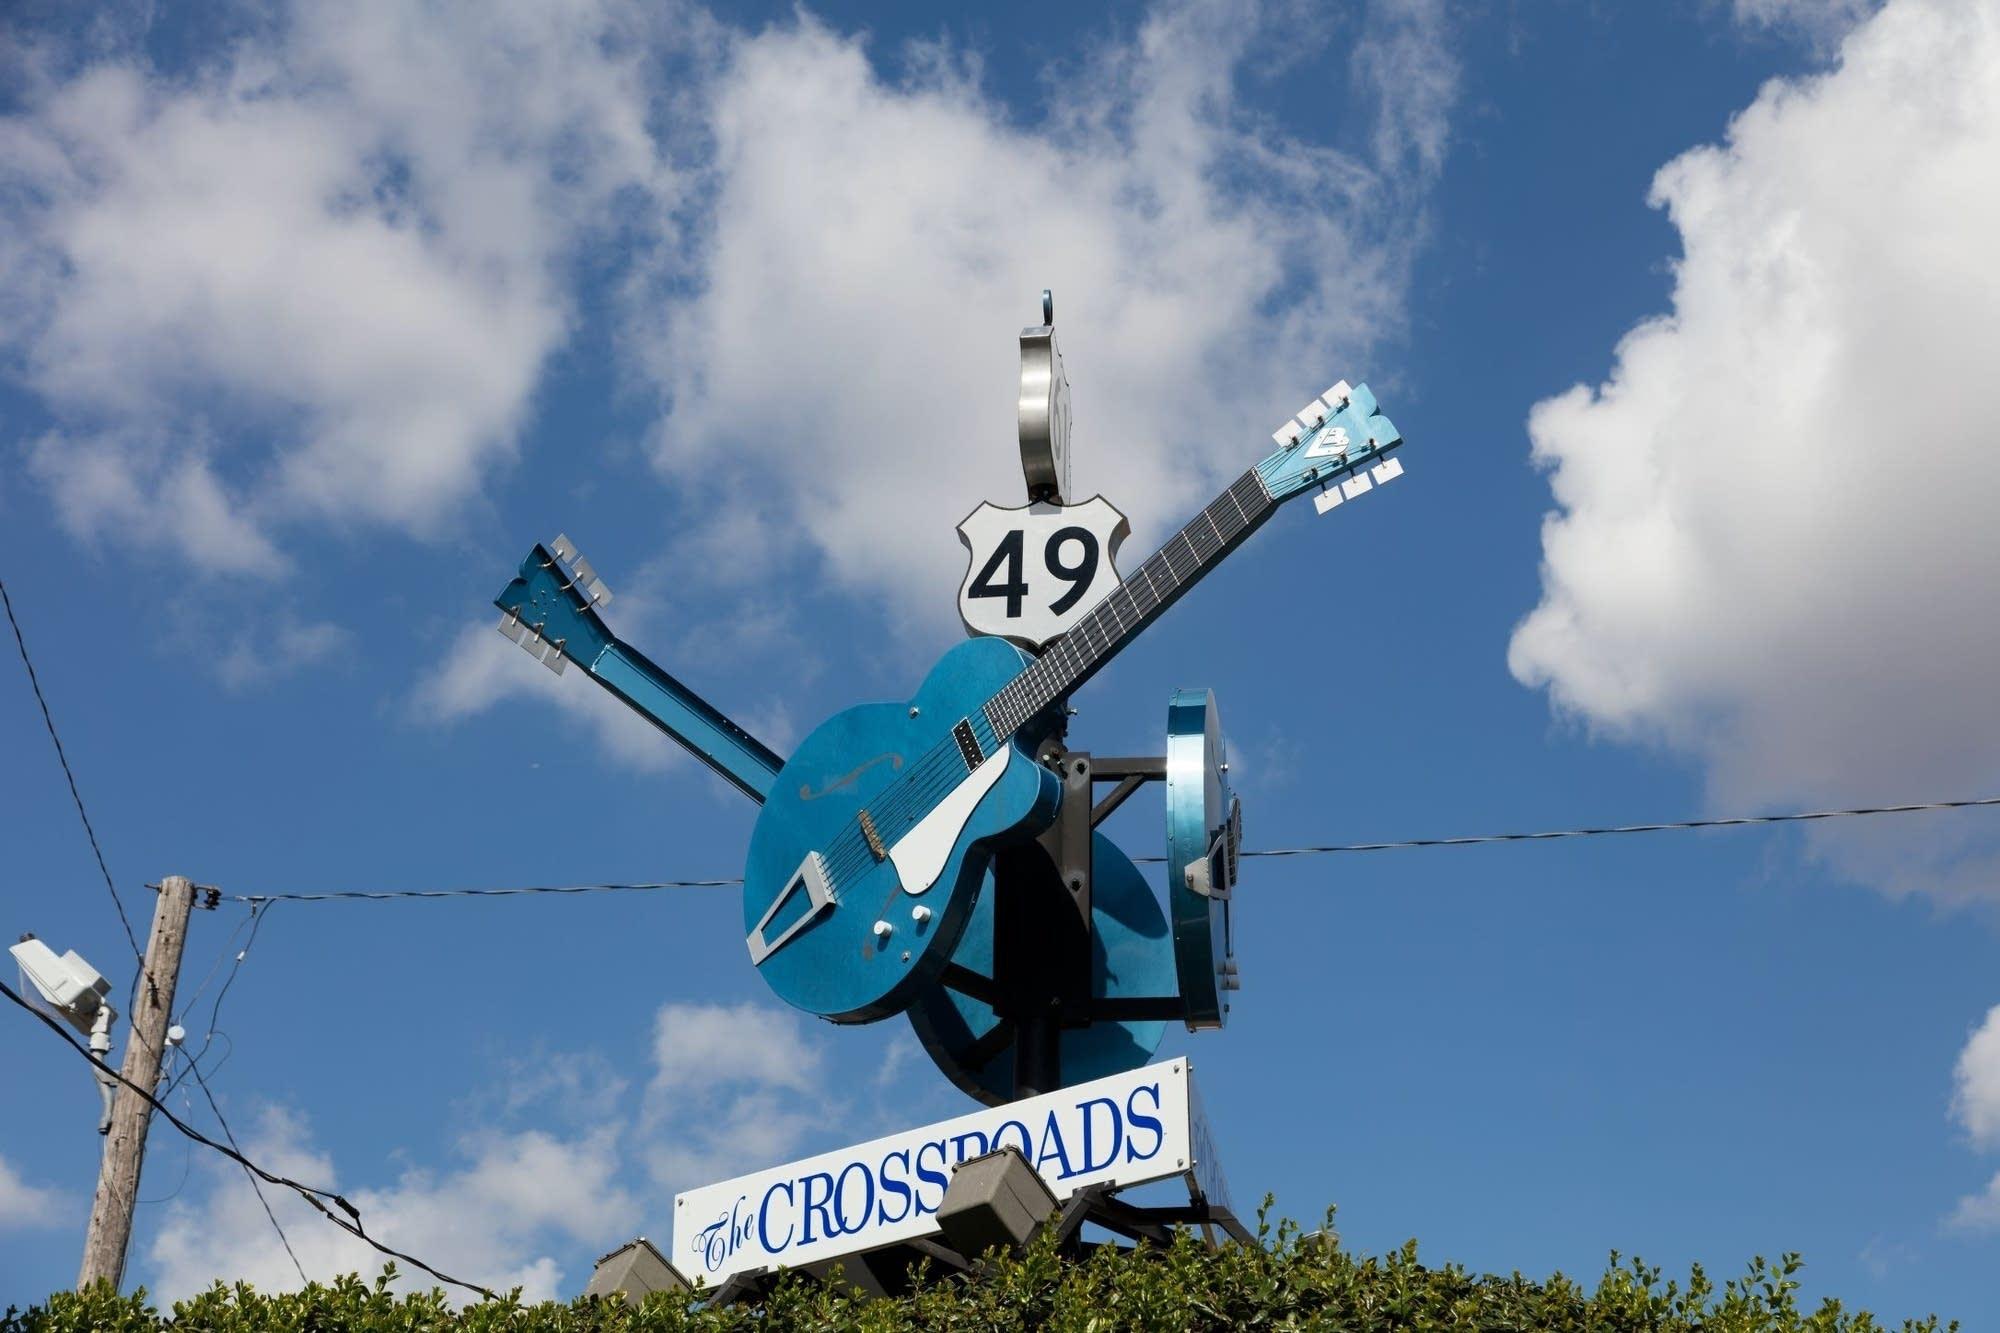 The Devil's Crossroads in Clarksdale, Miss.